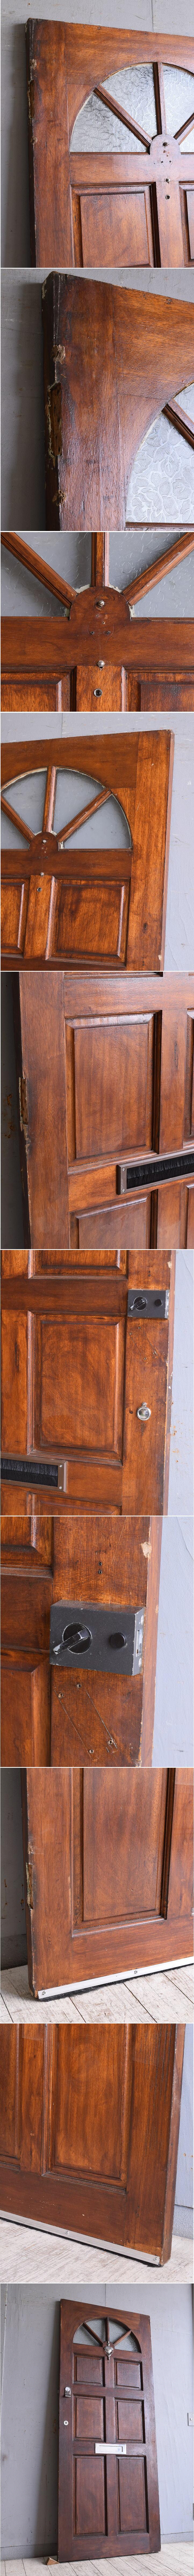 イギリス アンティーク ドア 扉 建具 9934